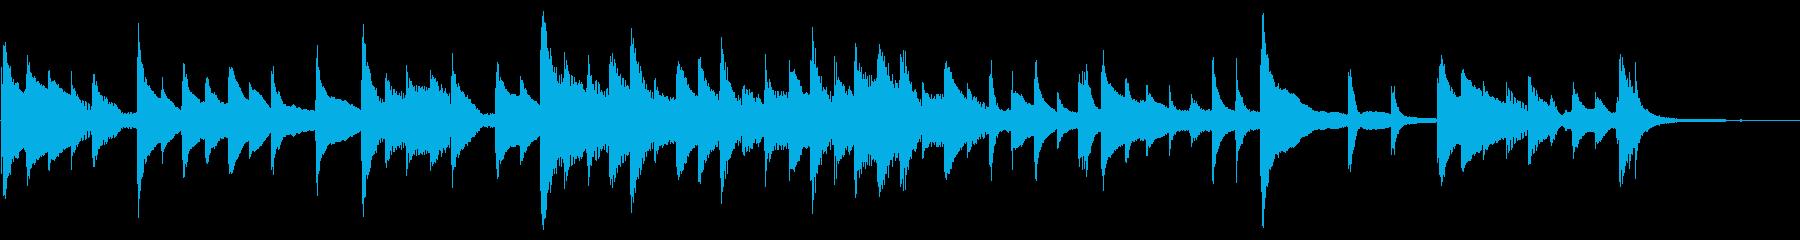 ハープによるゲームオーバー用BGMの再生済みの波形